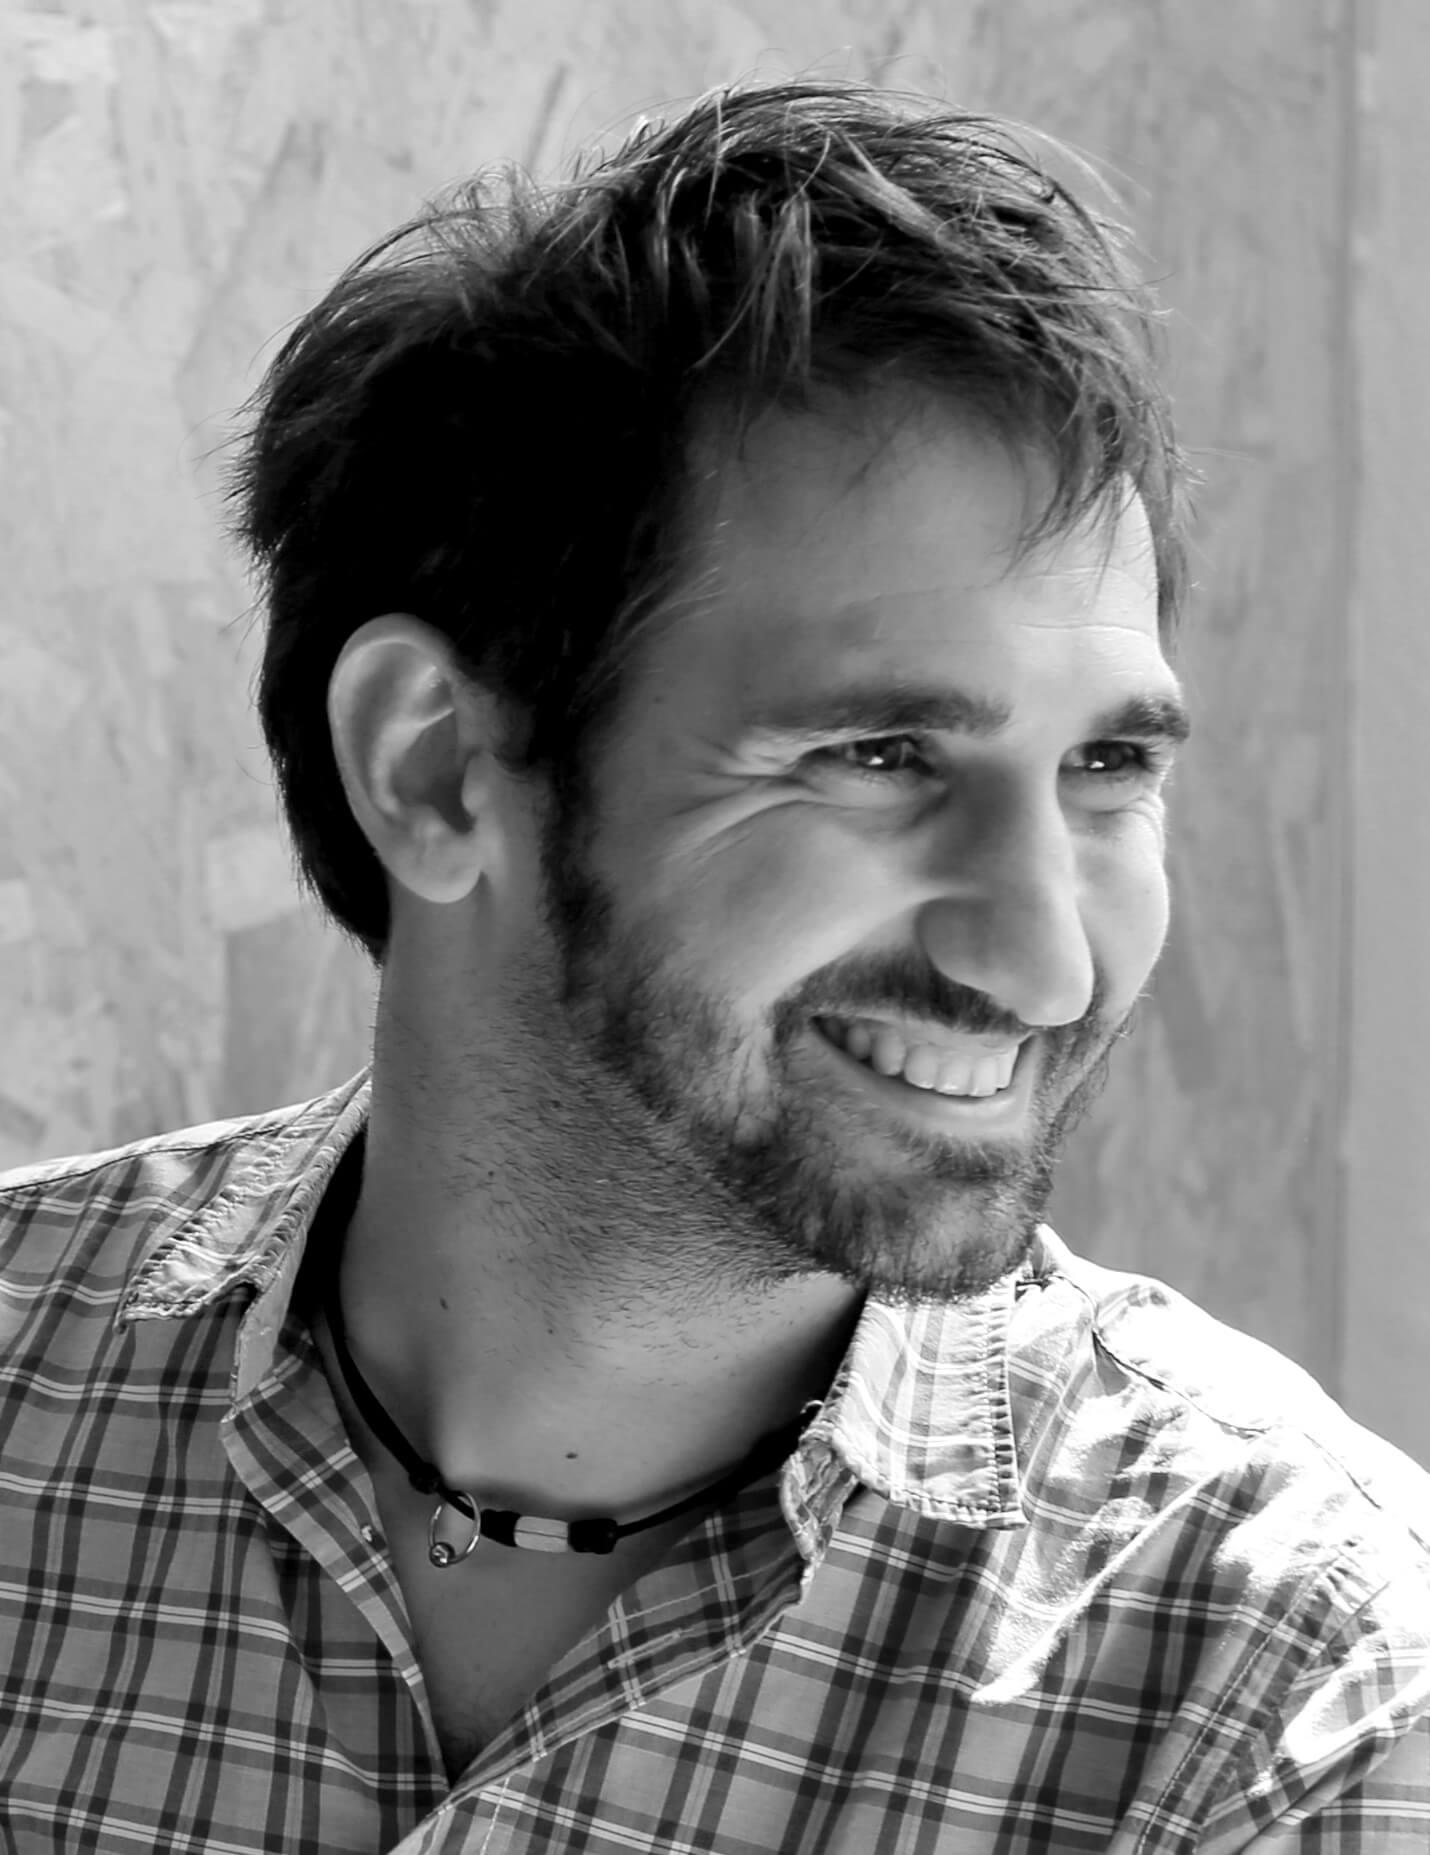 Pablo Mondragón Valero